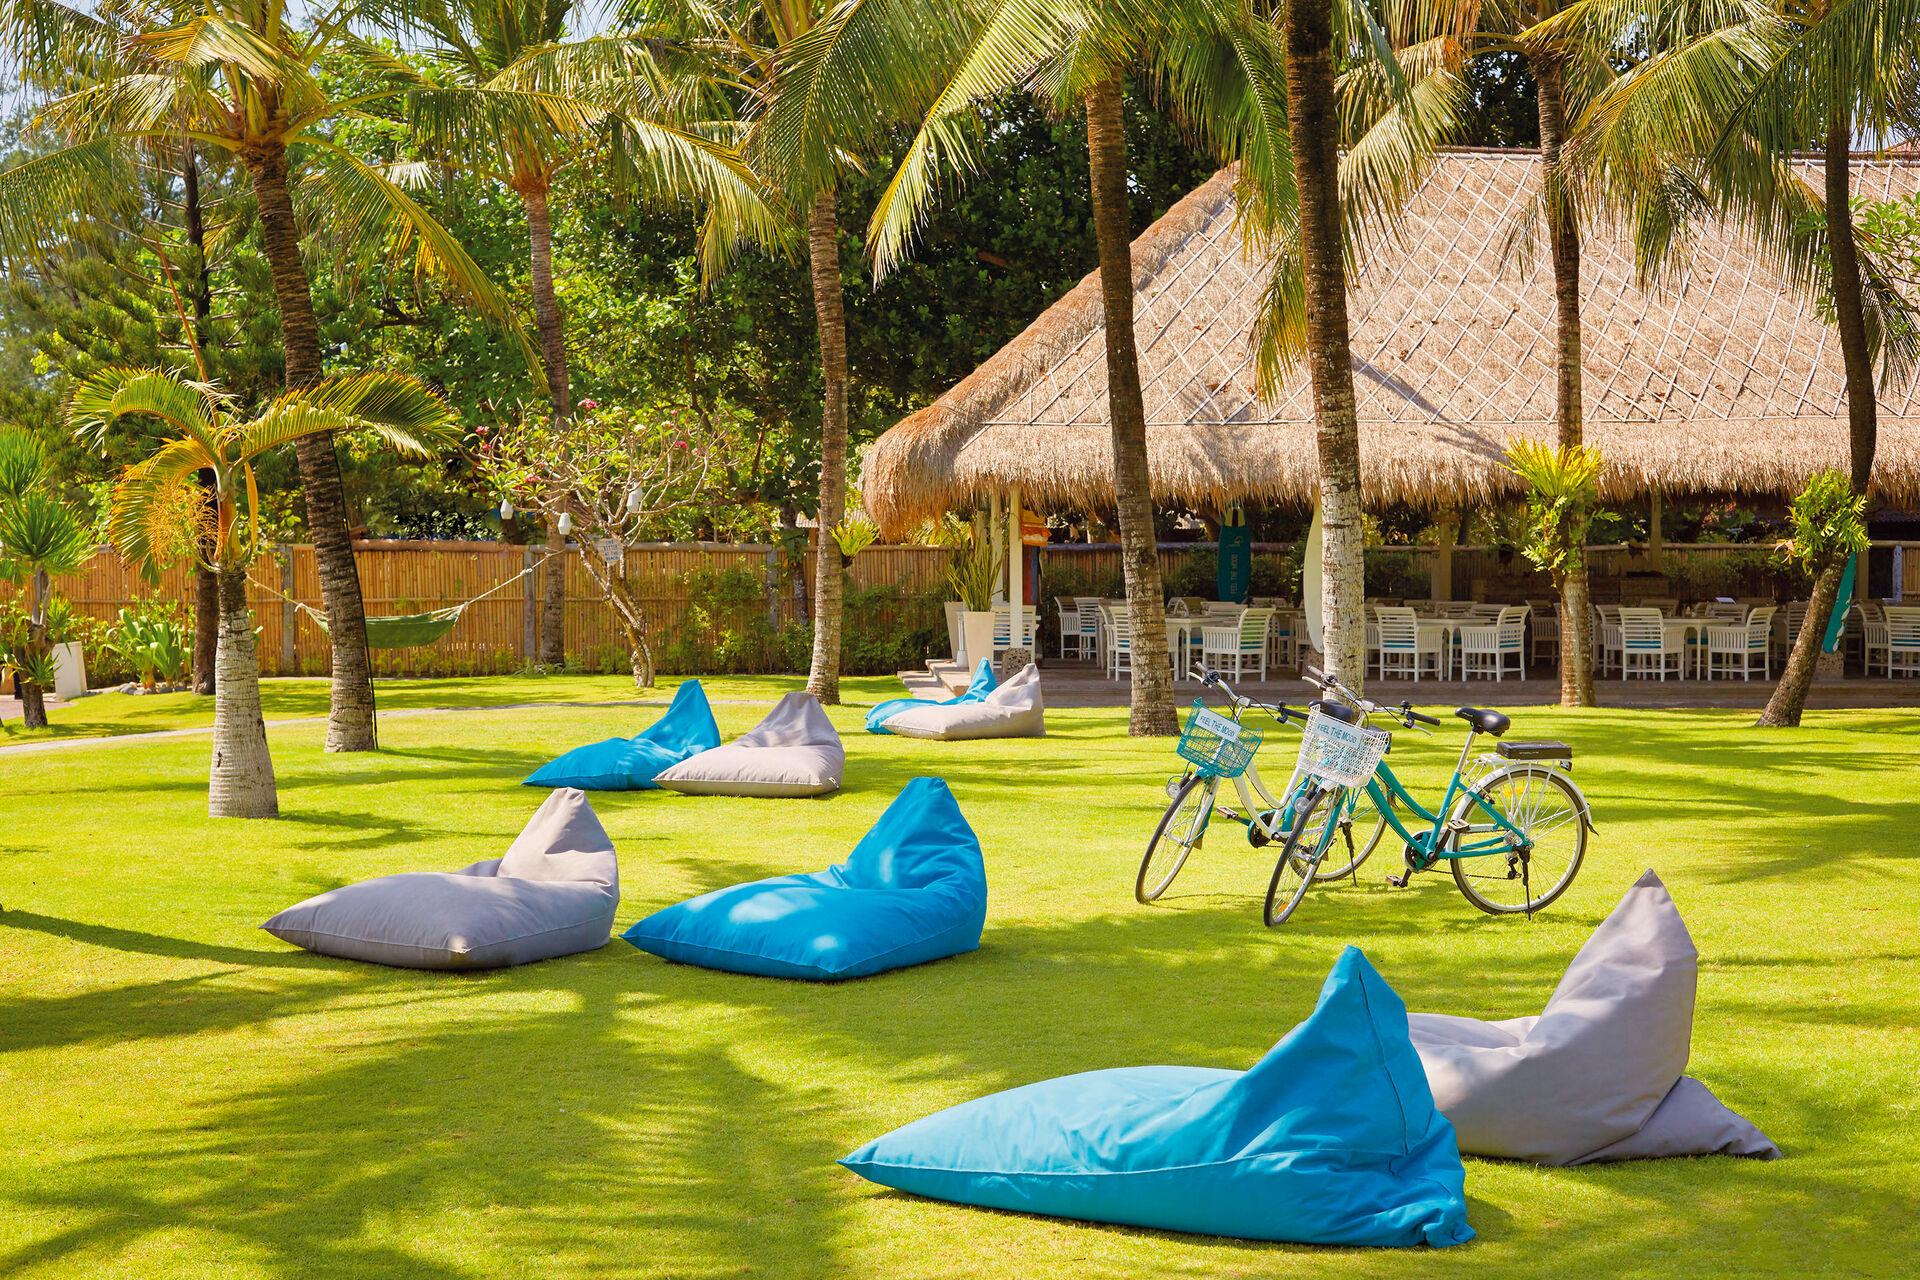 Bali - Indonésie - Hôtel Sol Beach House Benoa 4*